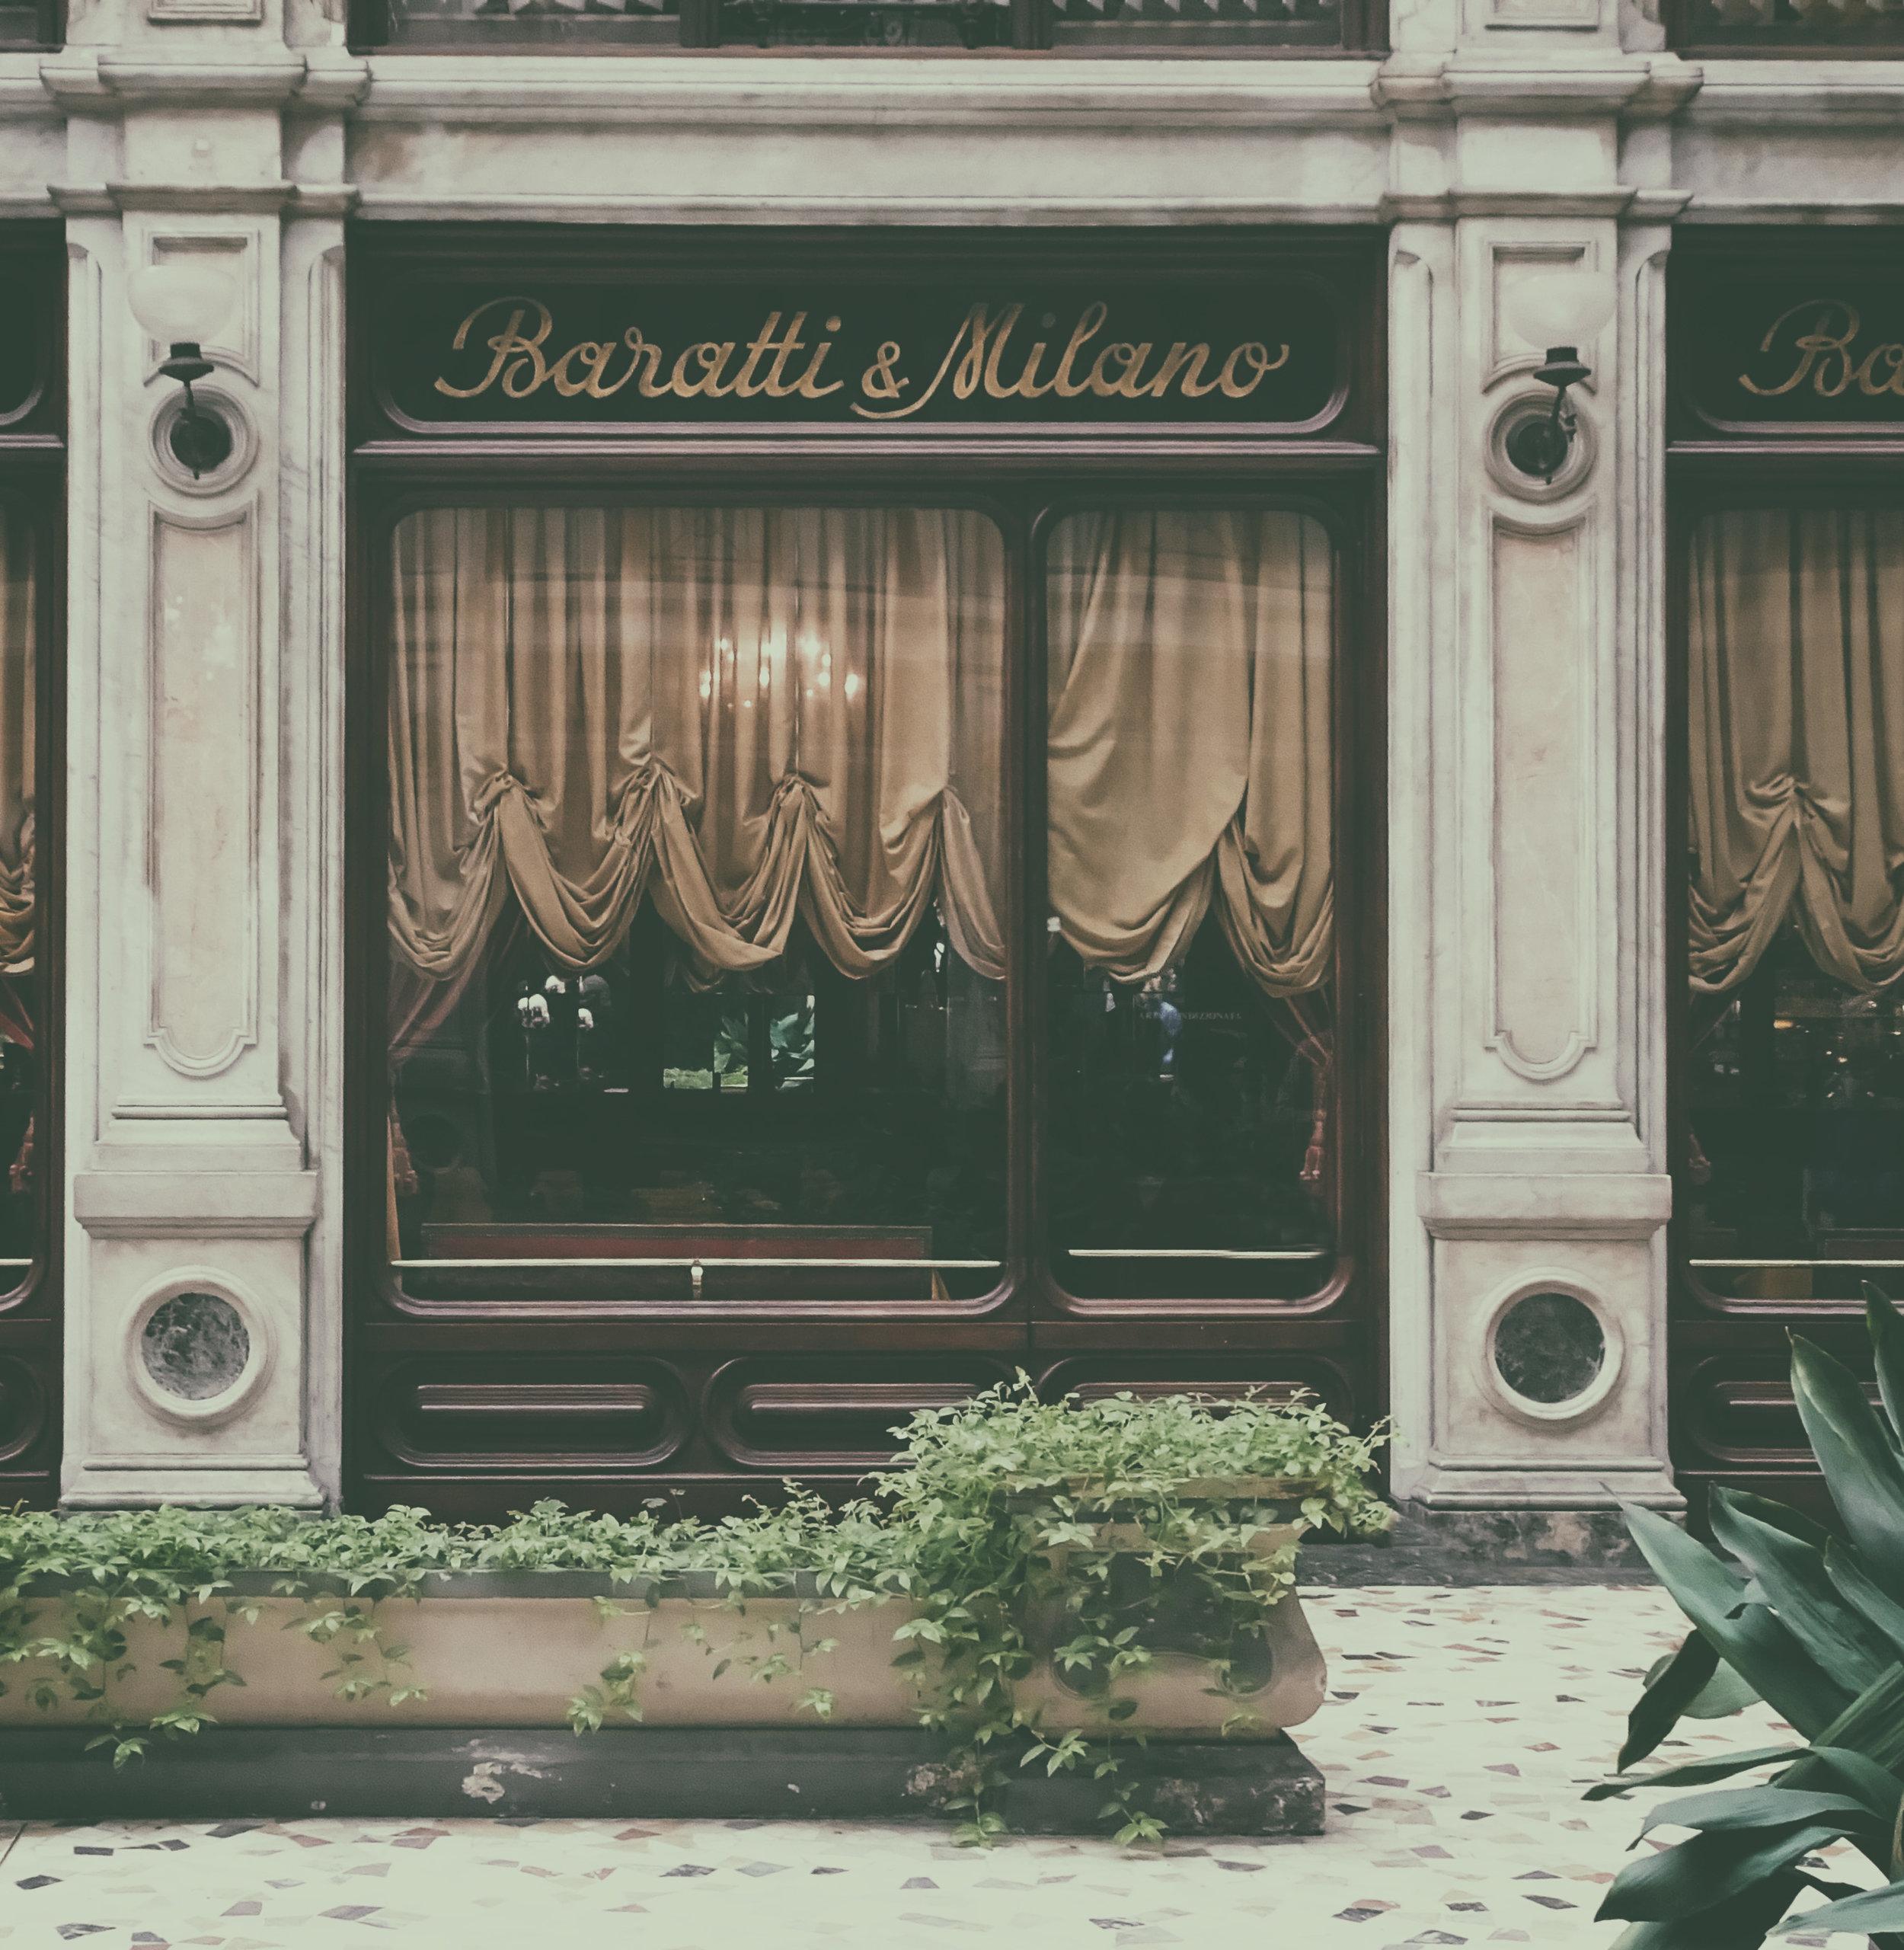 Baratti & Milano - Uma das melhores cafeterias onde tomar uma otima chocolata quente da cidade de Torino.